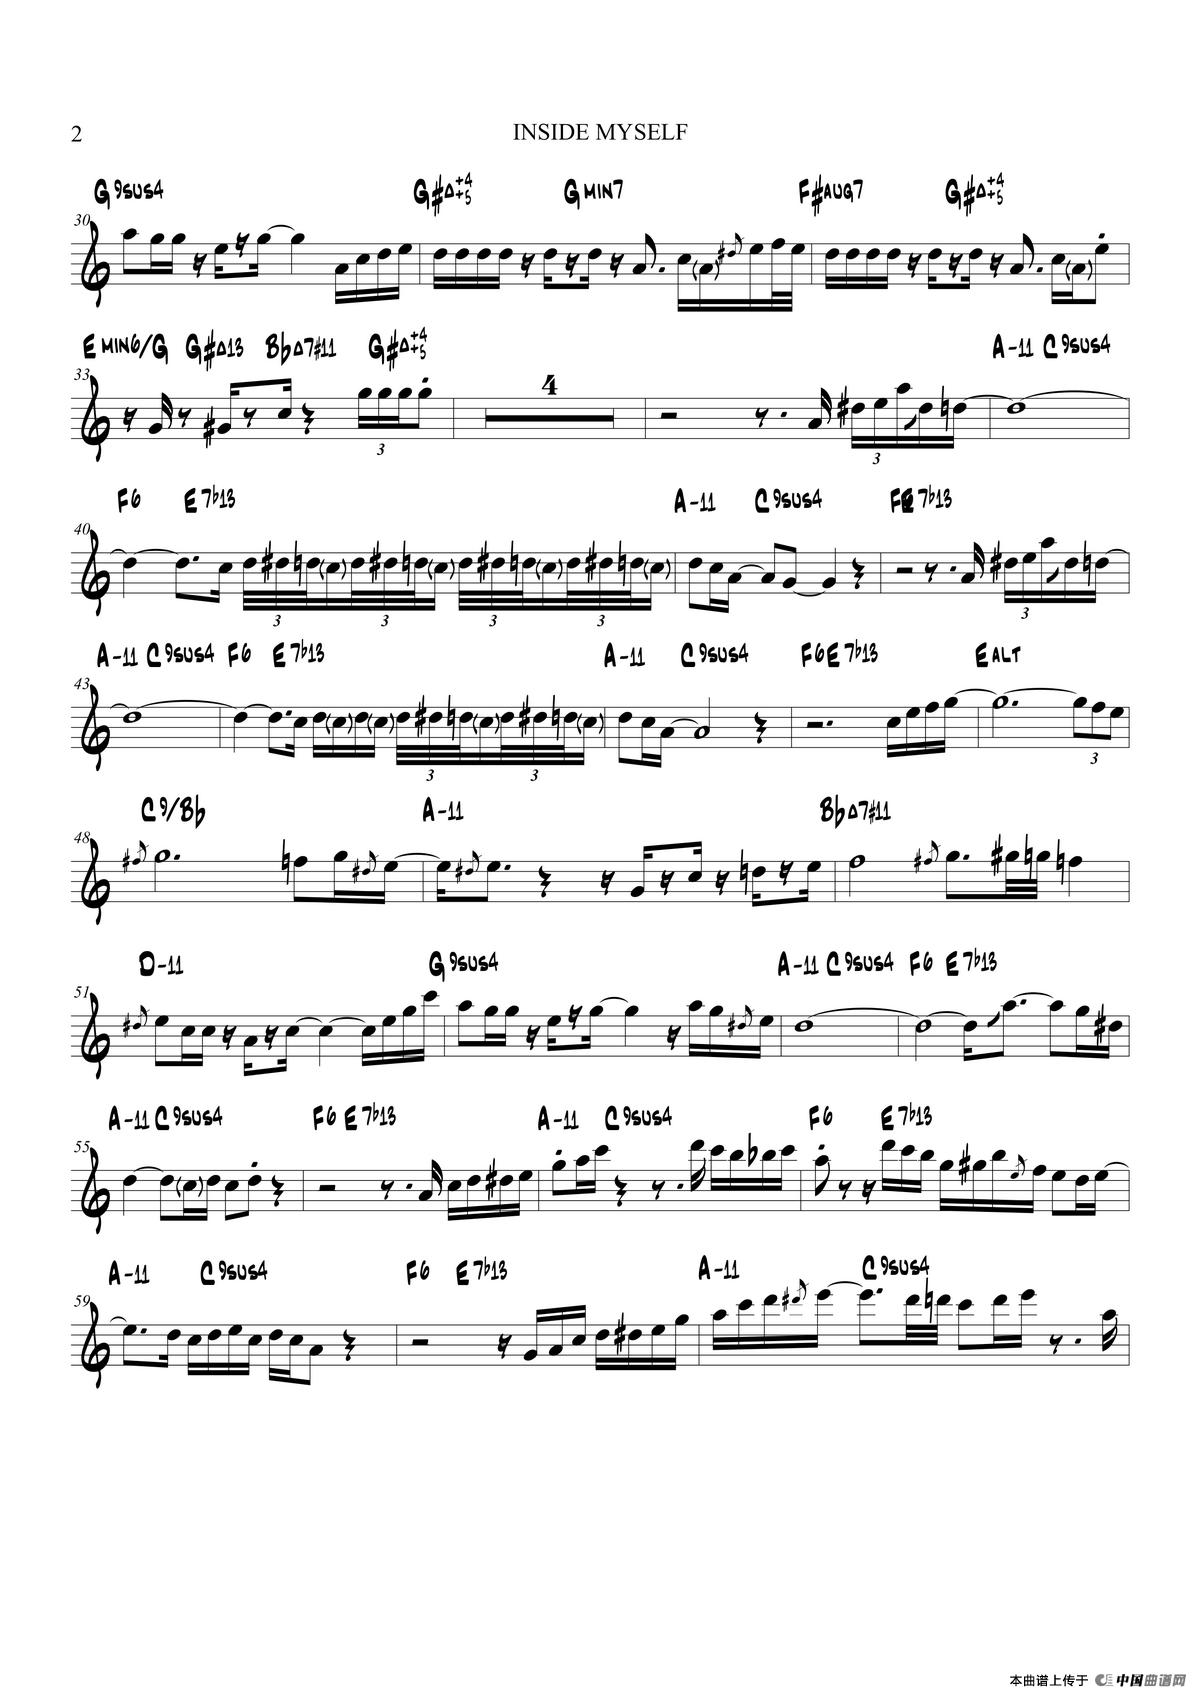 中音萨克斯伴奏用什么调